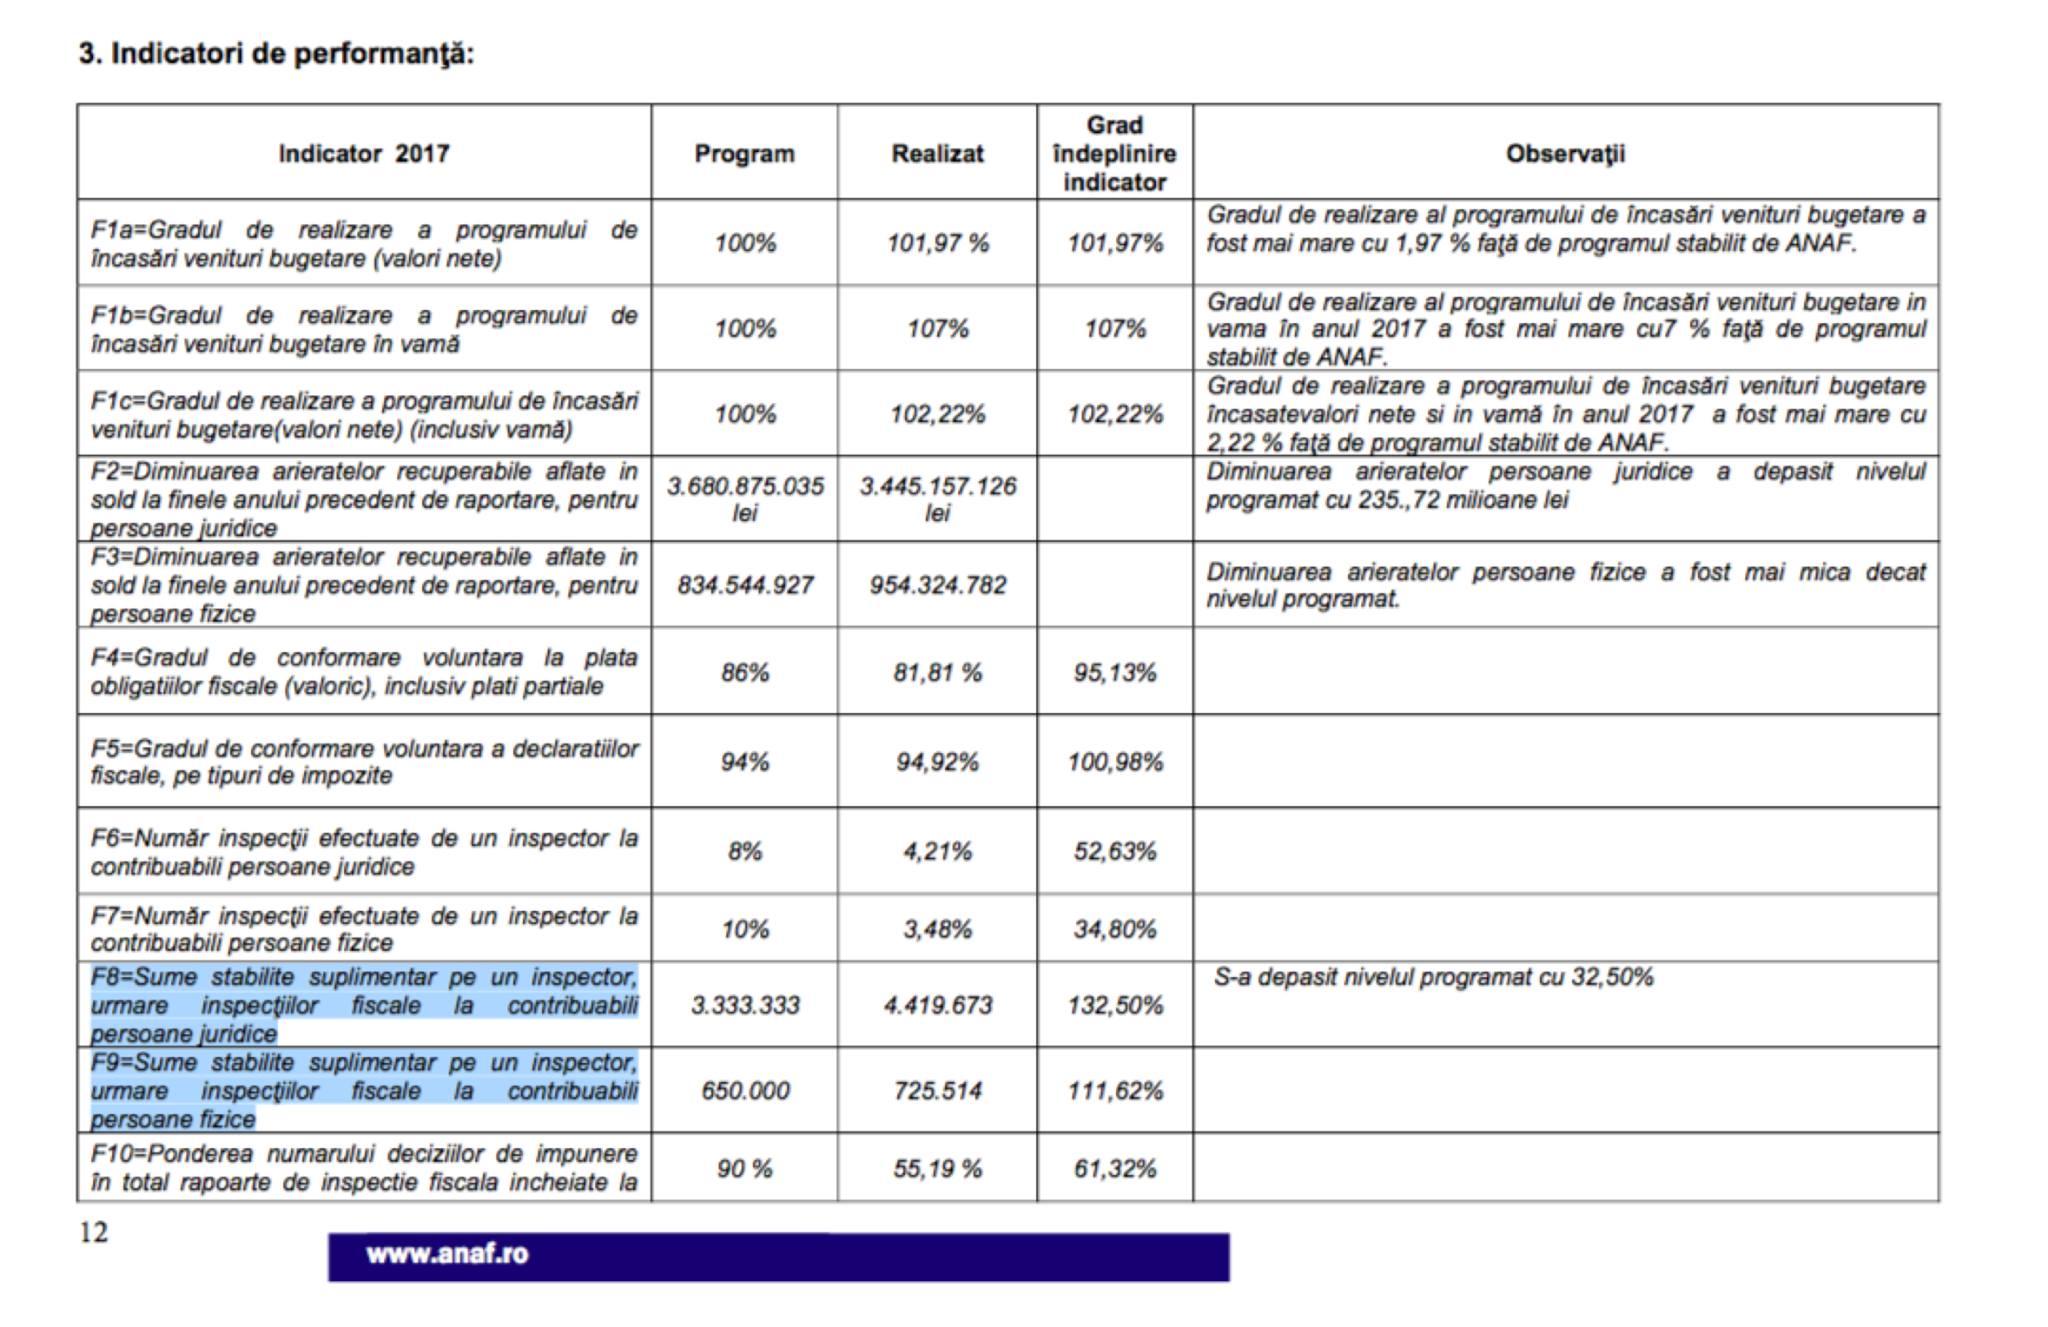 raport de venituri suplimentare)